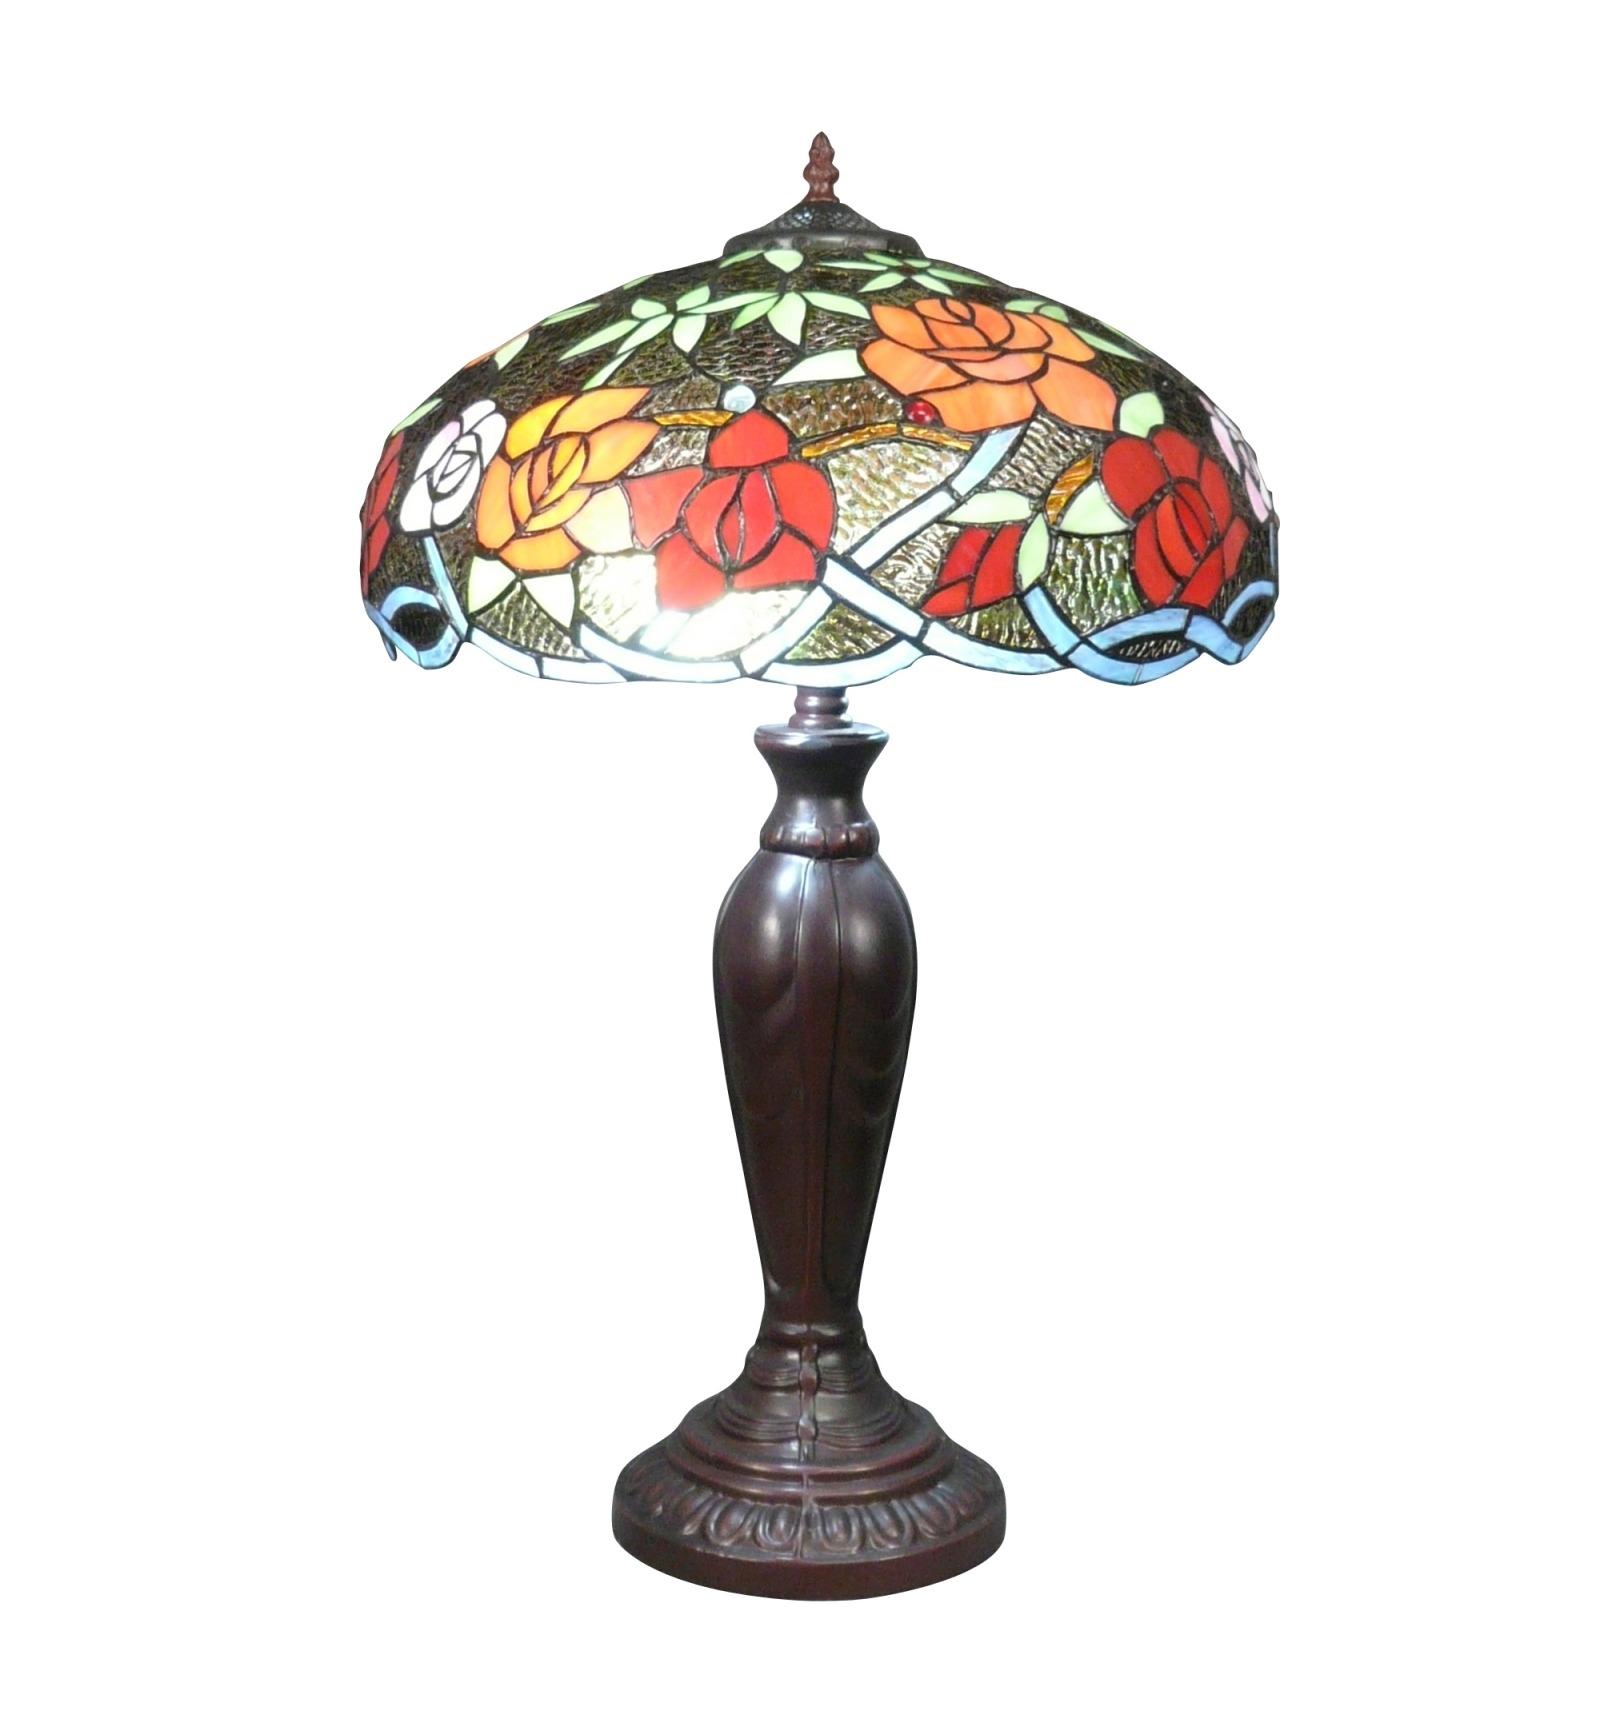 Lampada Tiffany Con Fiori Su Sfondo Nero Lampade Tiffany